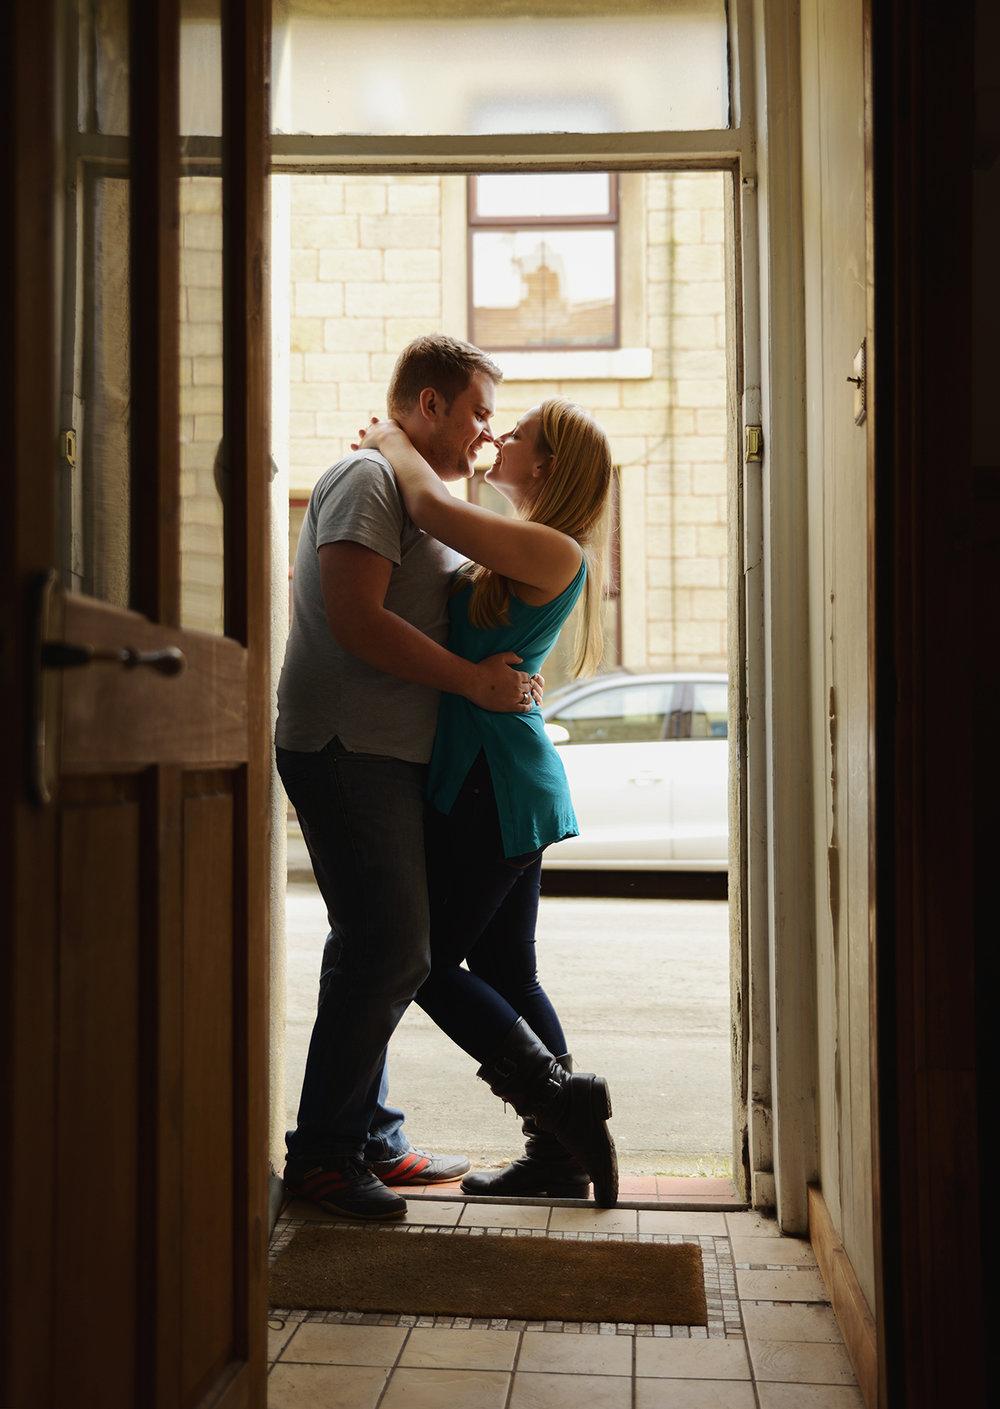 home-photoshoot-lifestyle-photographer-couple-engagement.jpg